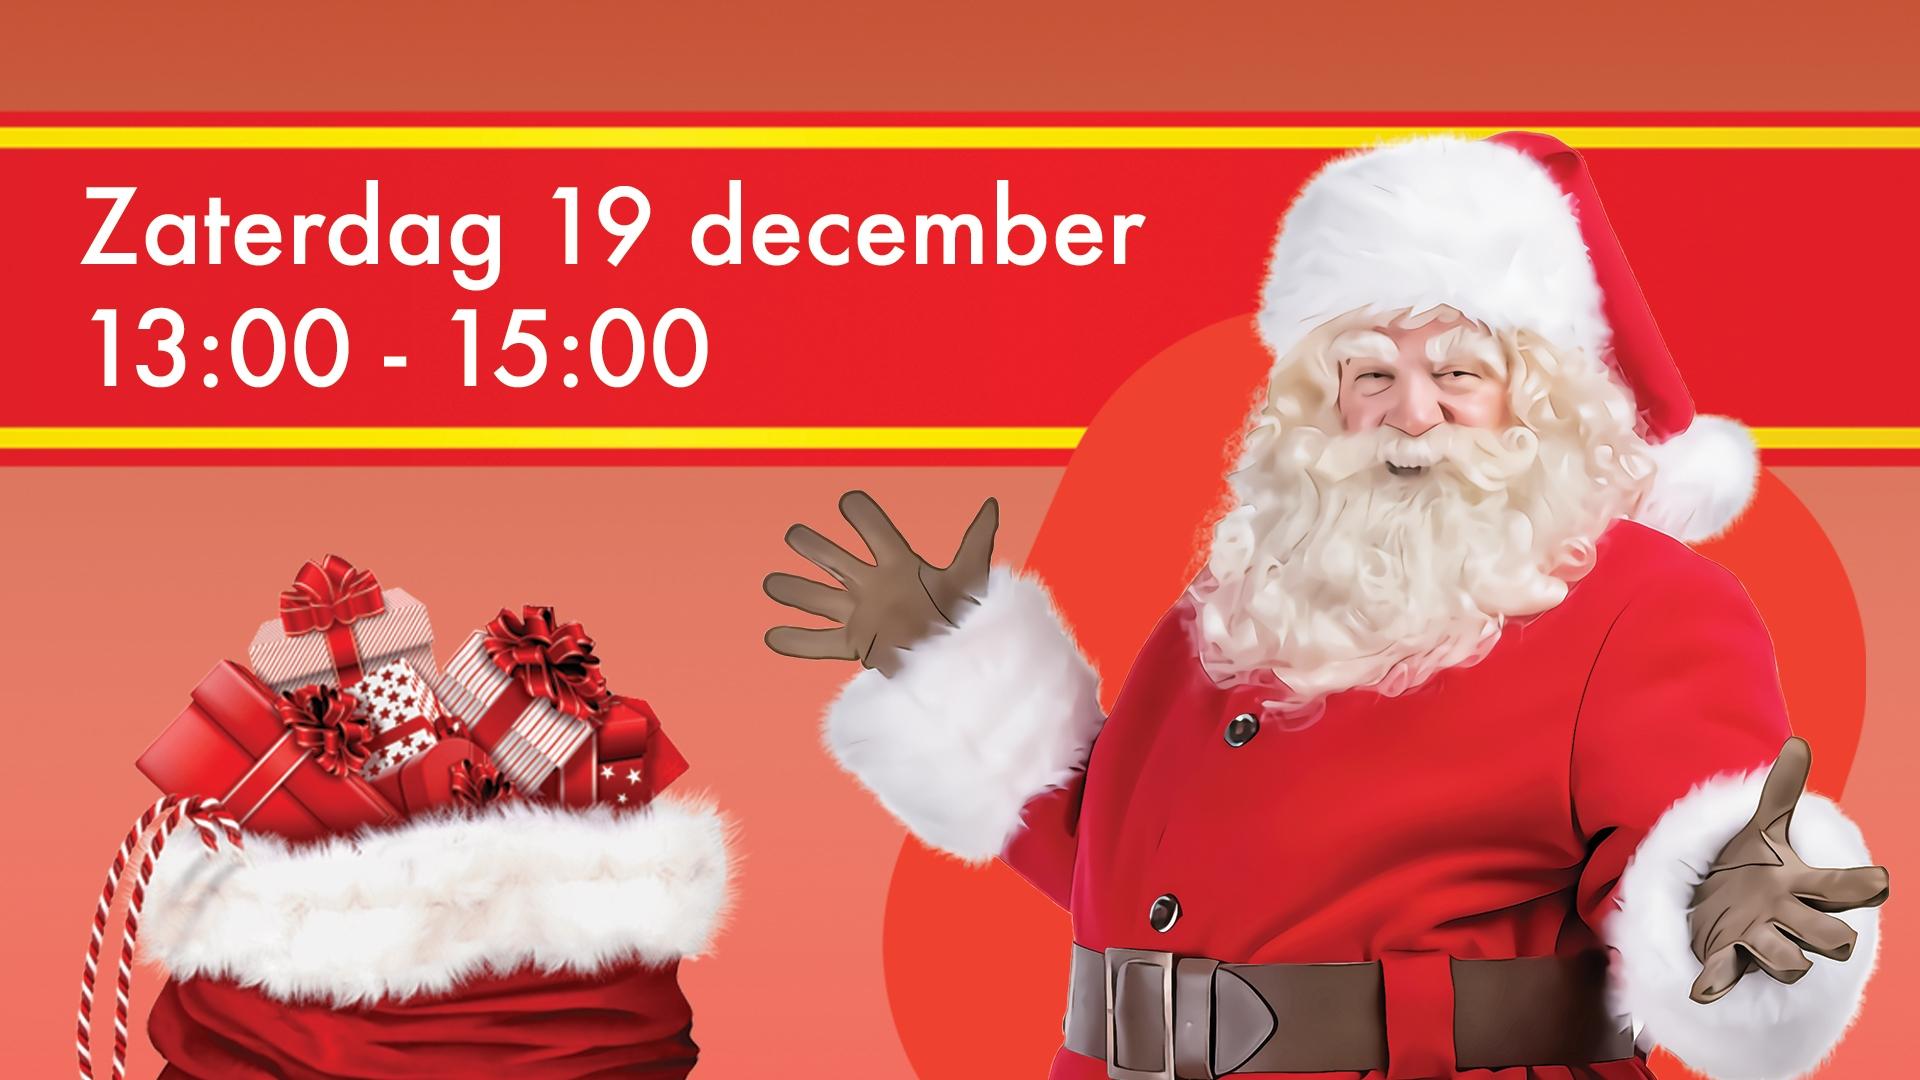 De Kerstman komt naar Boulevard Kralingen!